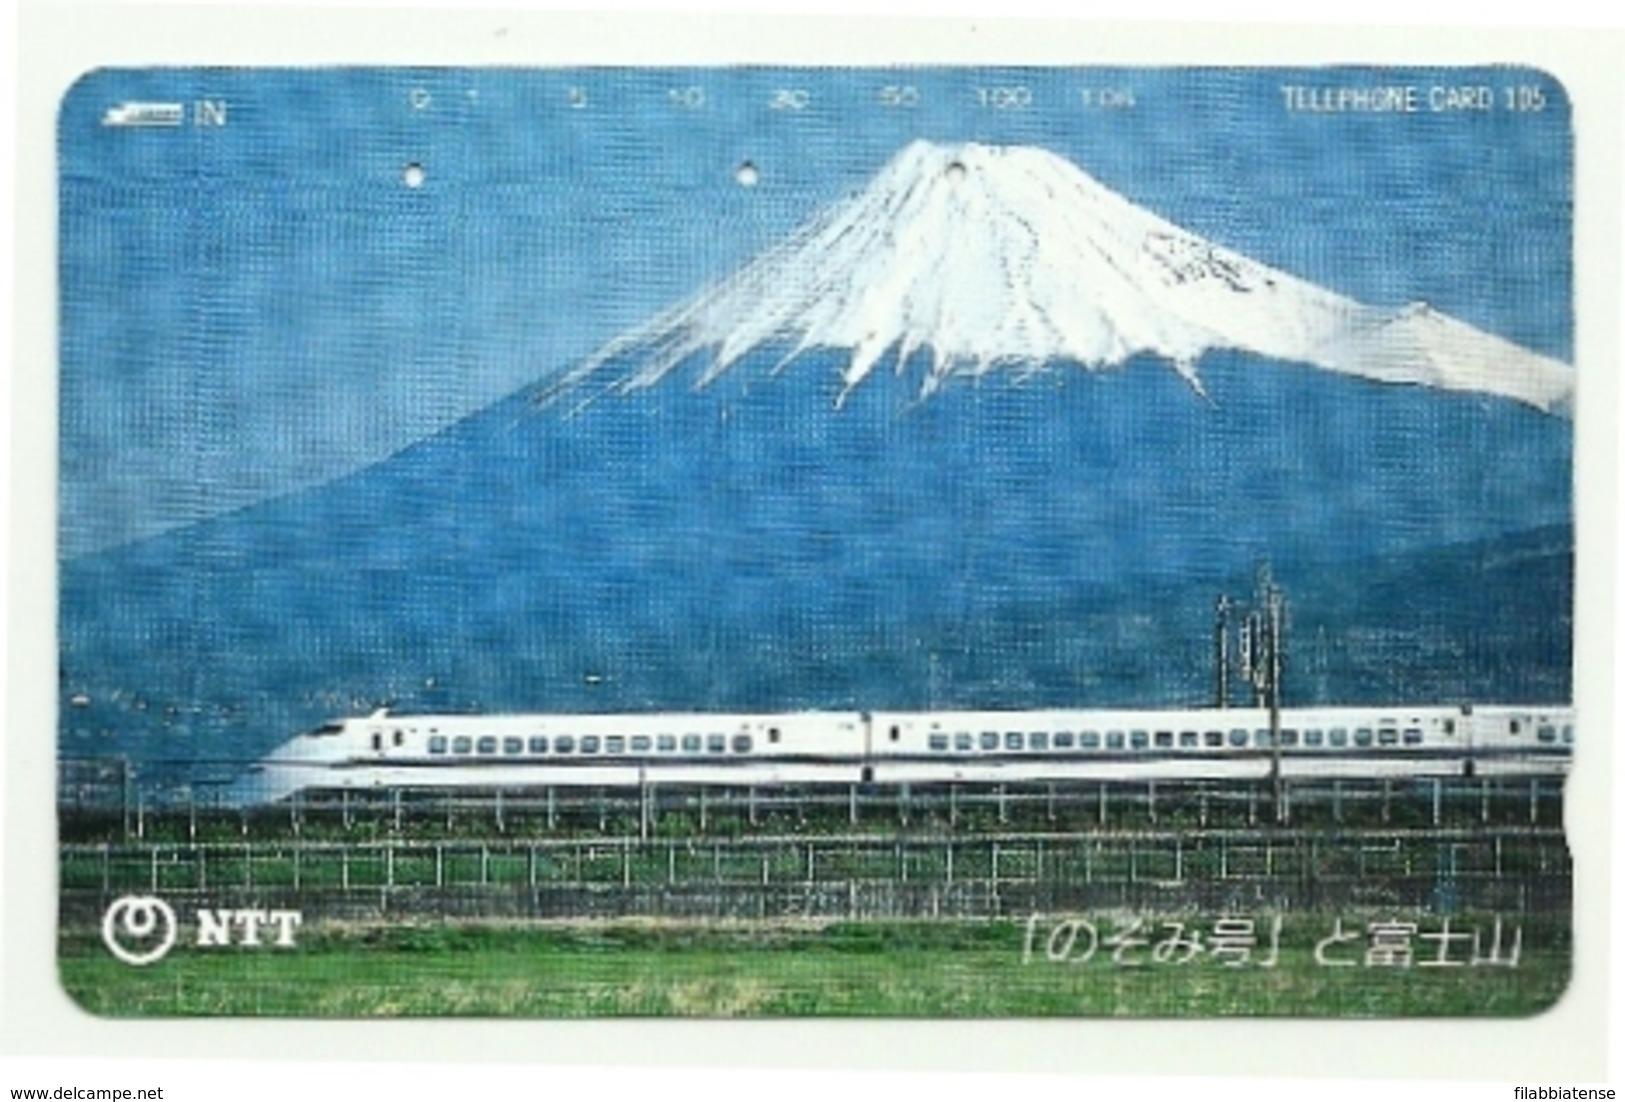 Giappone - Tessera Telefonica Da 105 Units T237 - NTT, - Treni